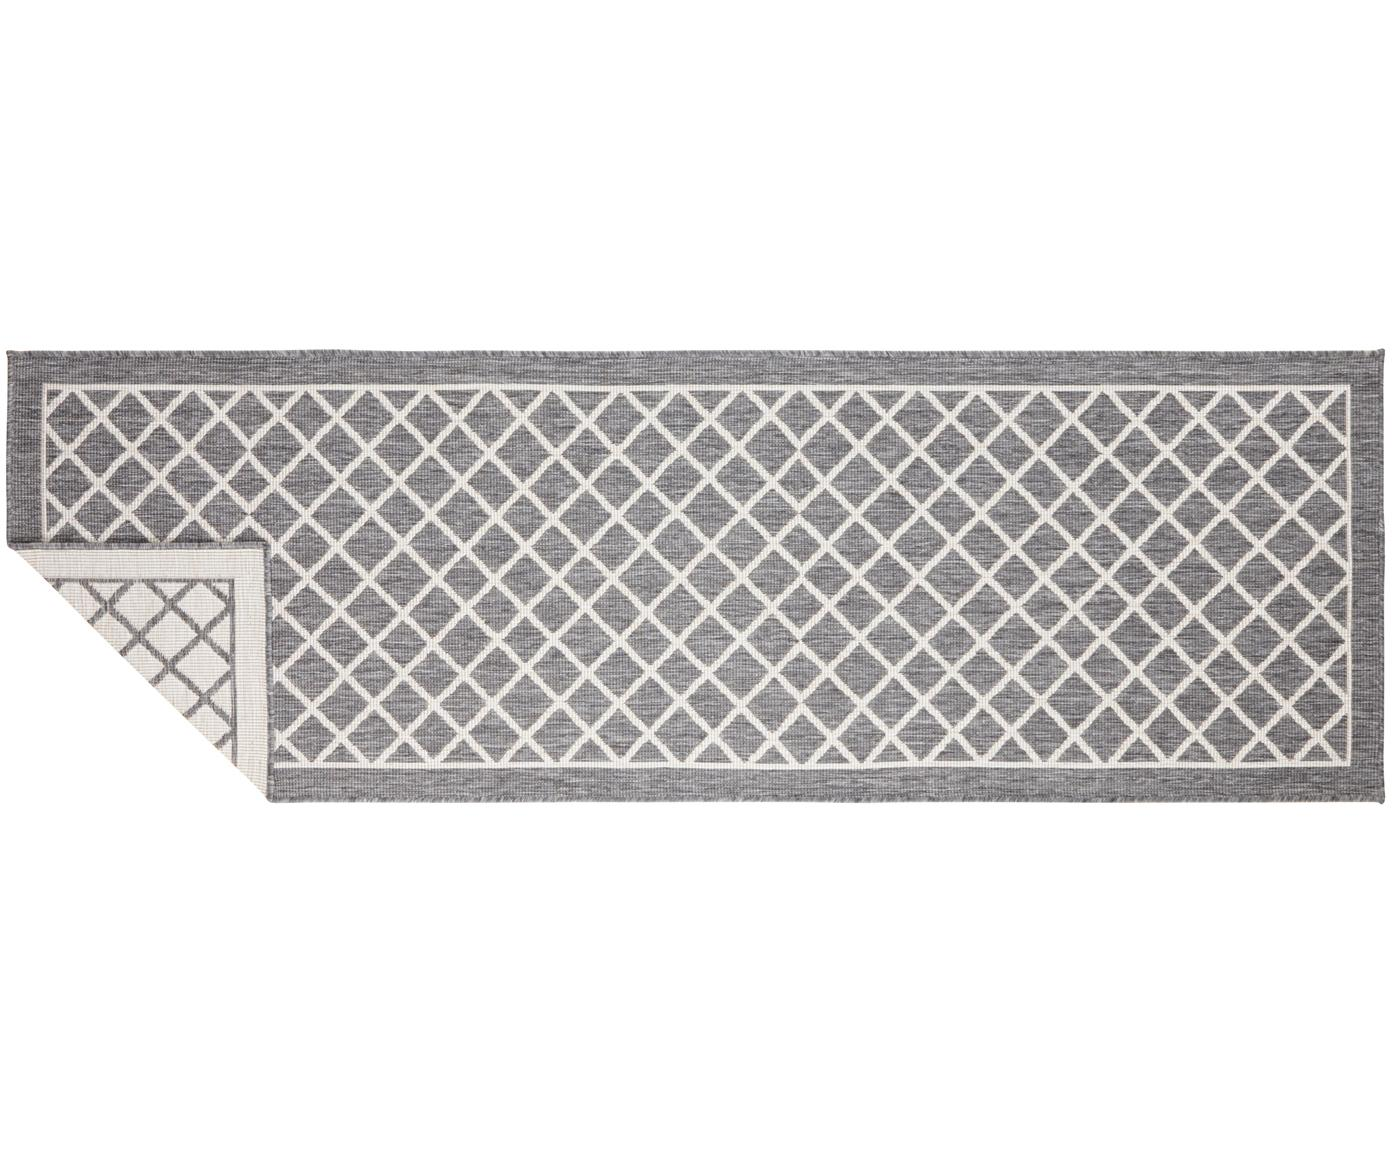 Passatoia reversibile da interno-esterno Sydney, Grigio, crema, Larg. 80 x Lung. 250 cm